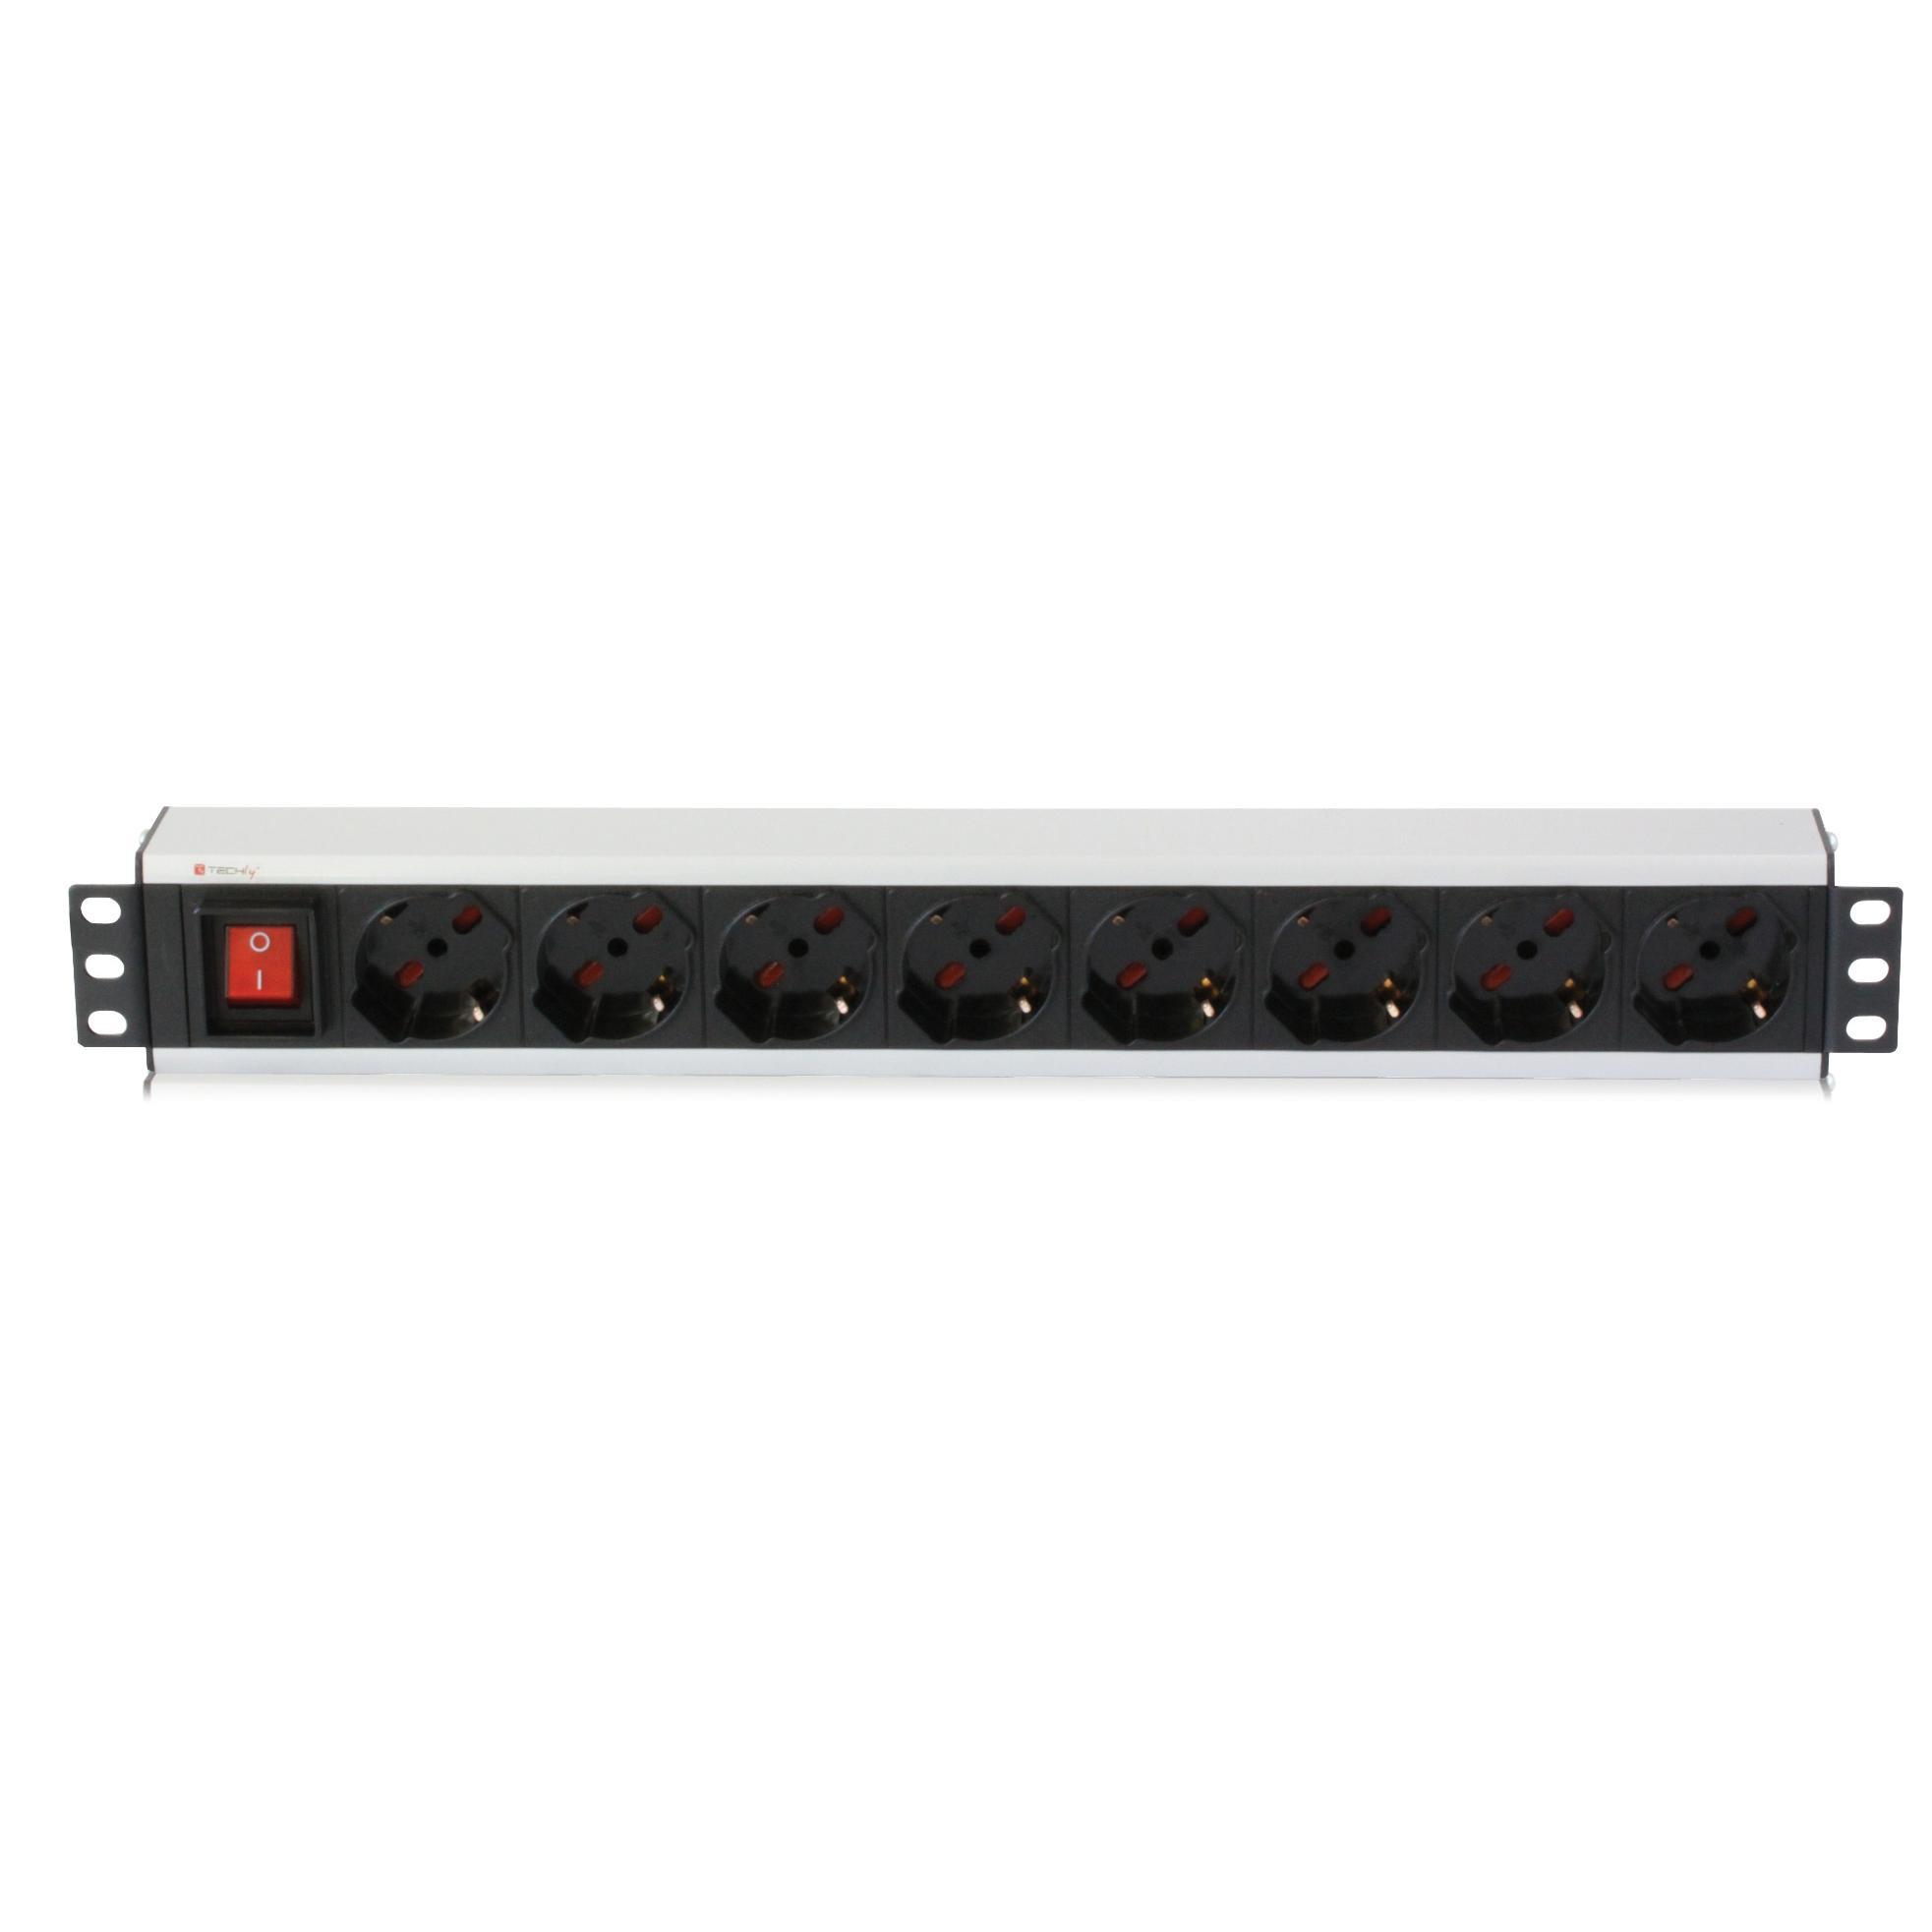 Multipresa per rack 19'' 8 posti con interruttore Cavo 3m